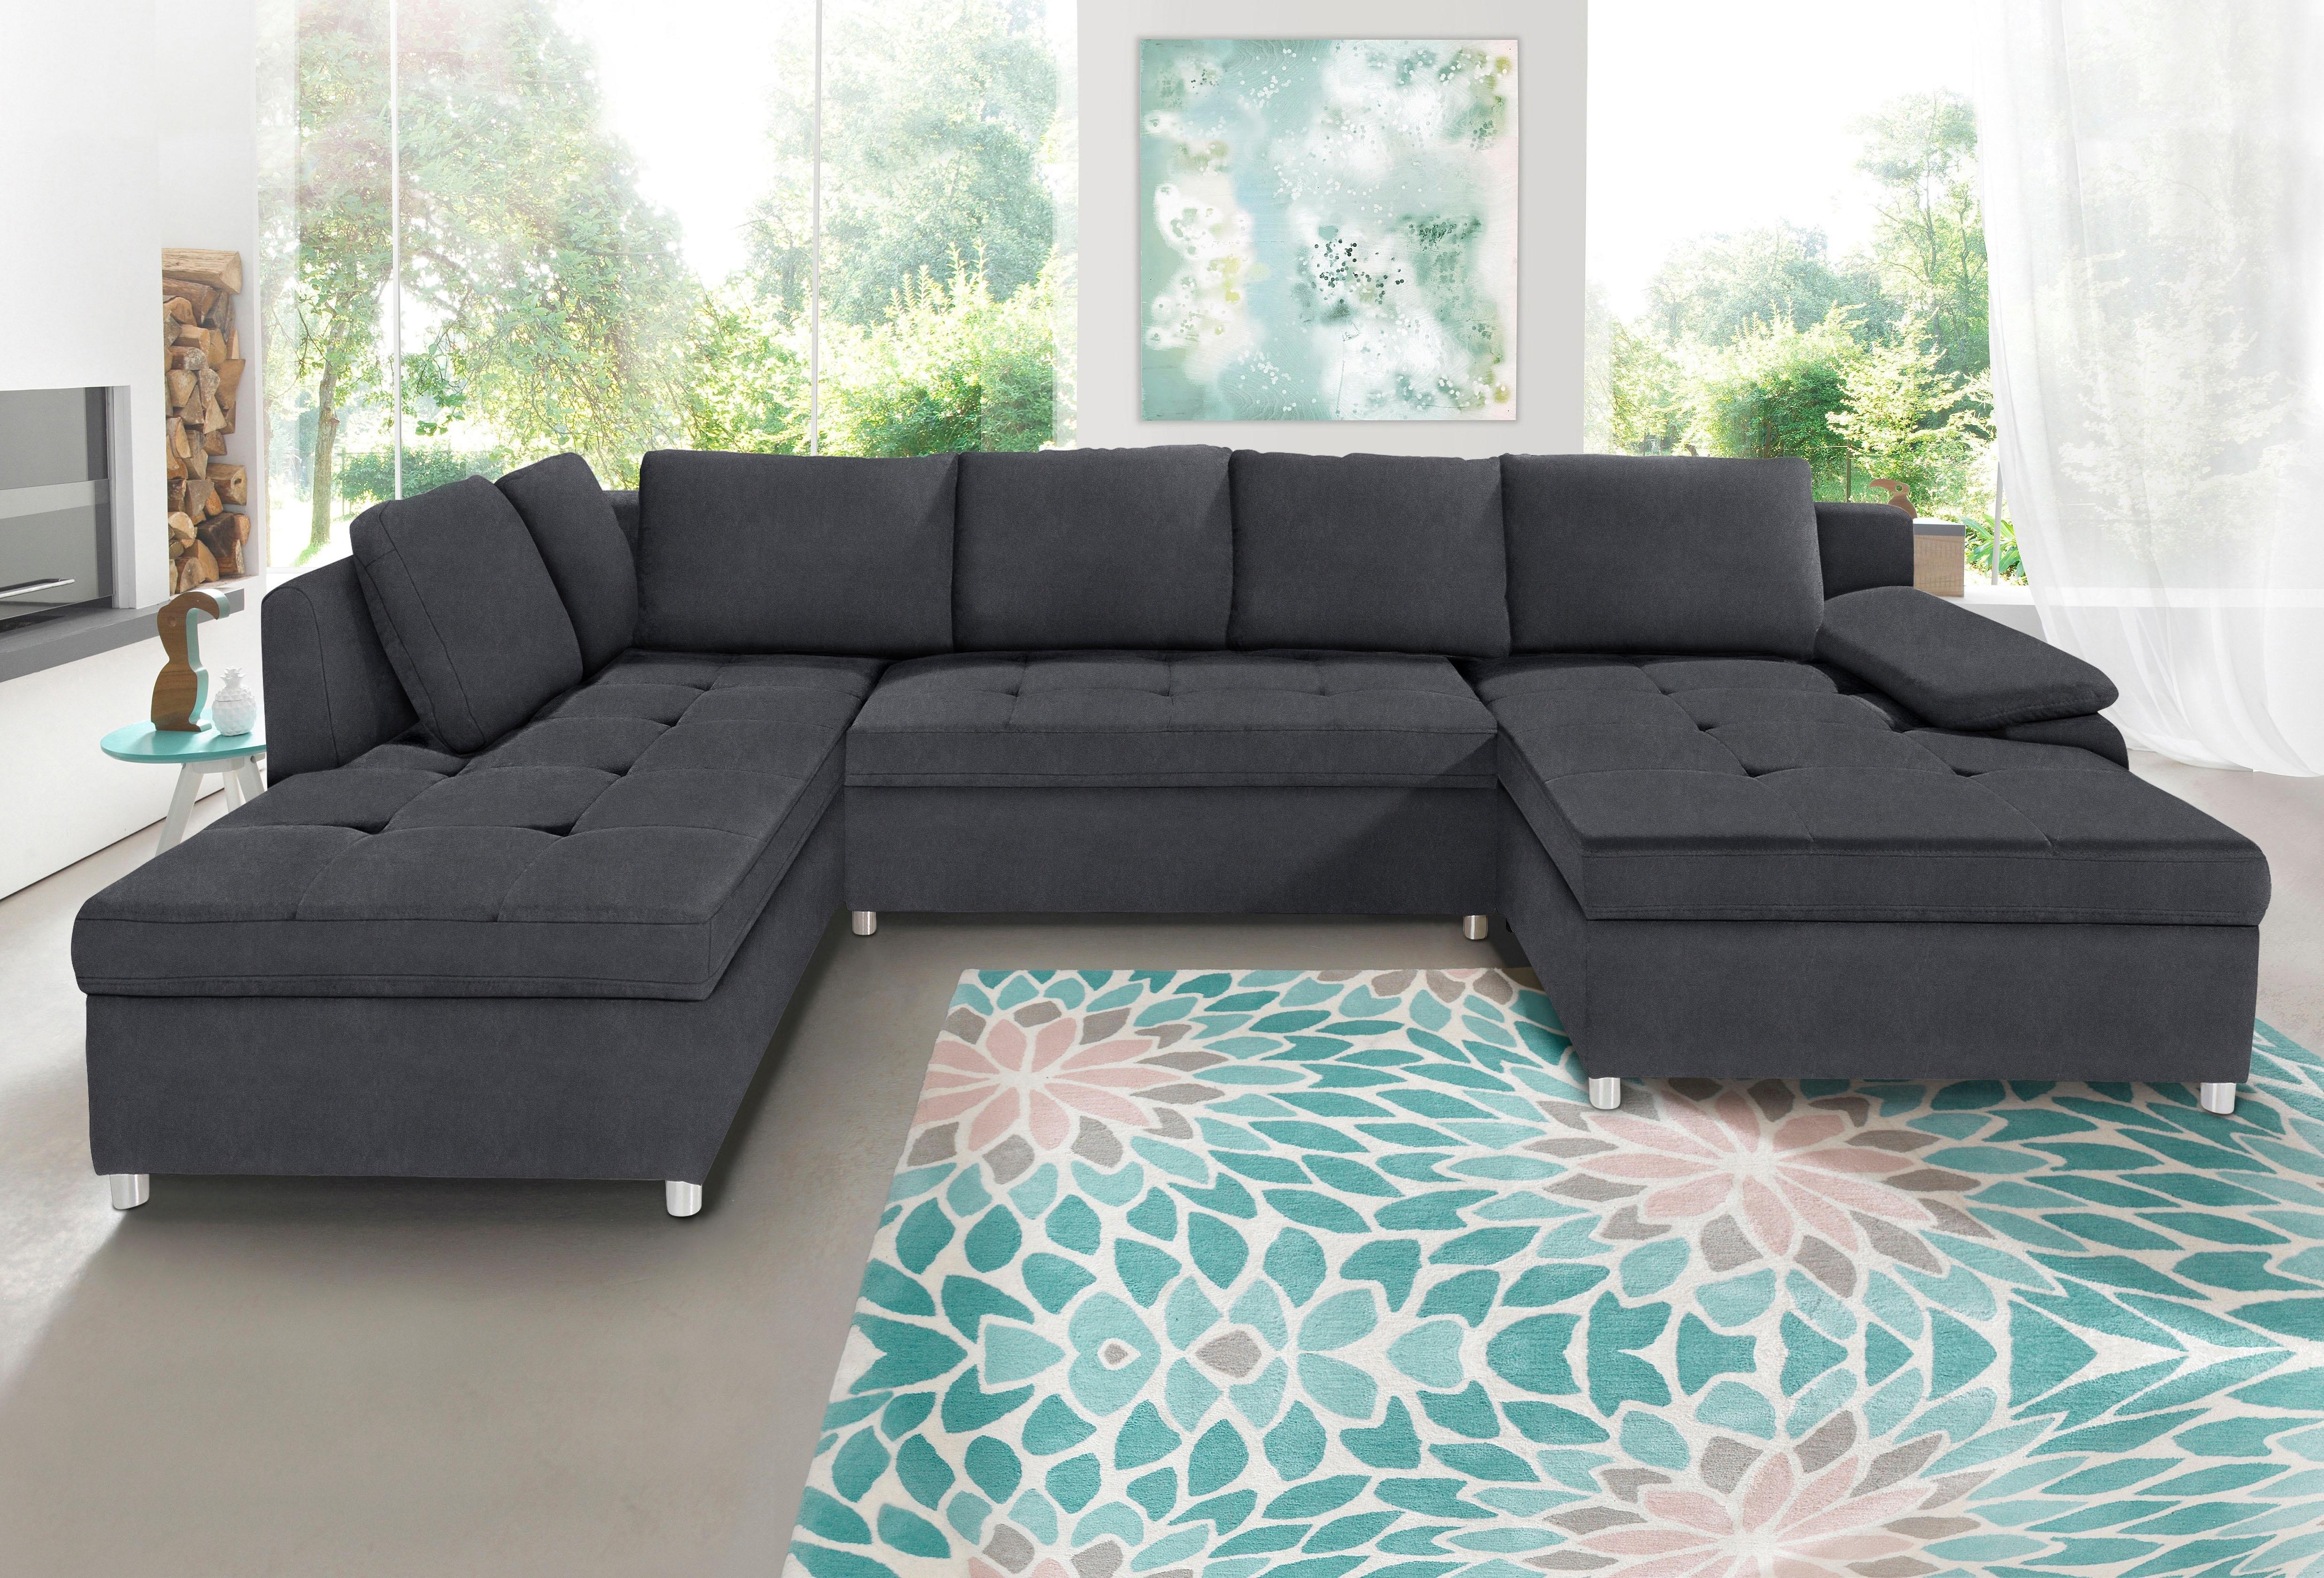 xxl zithoeken online kopen bekijk nu onze collectie otto. Black Bedroom Furniture Sets. Home Design Ideas